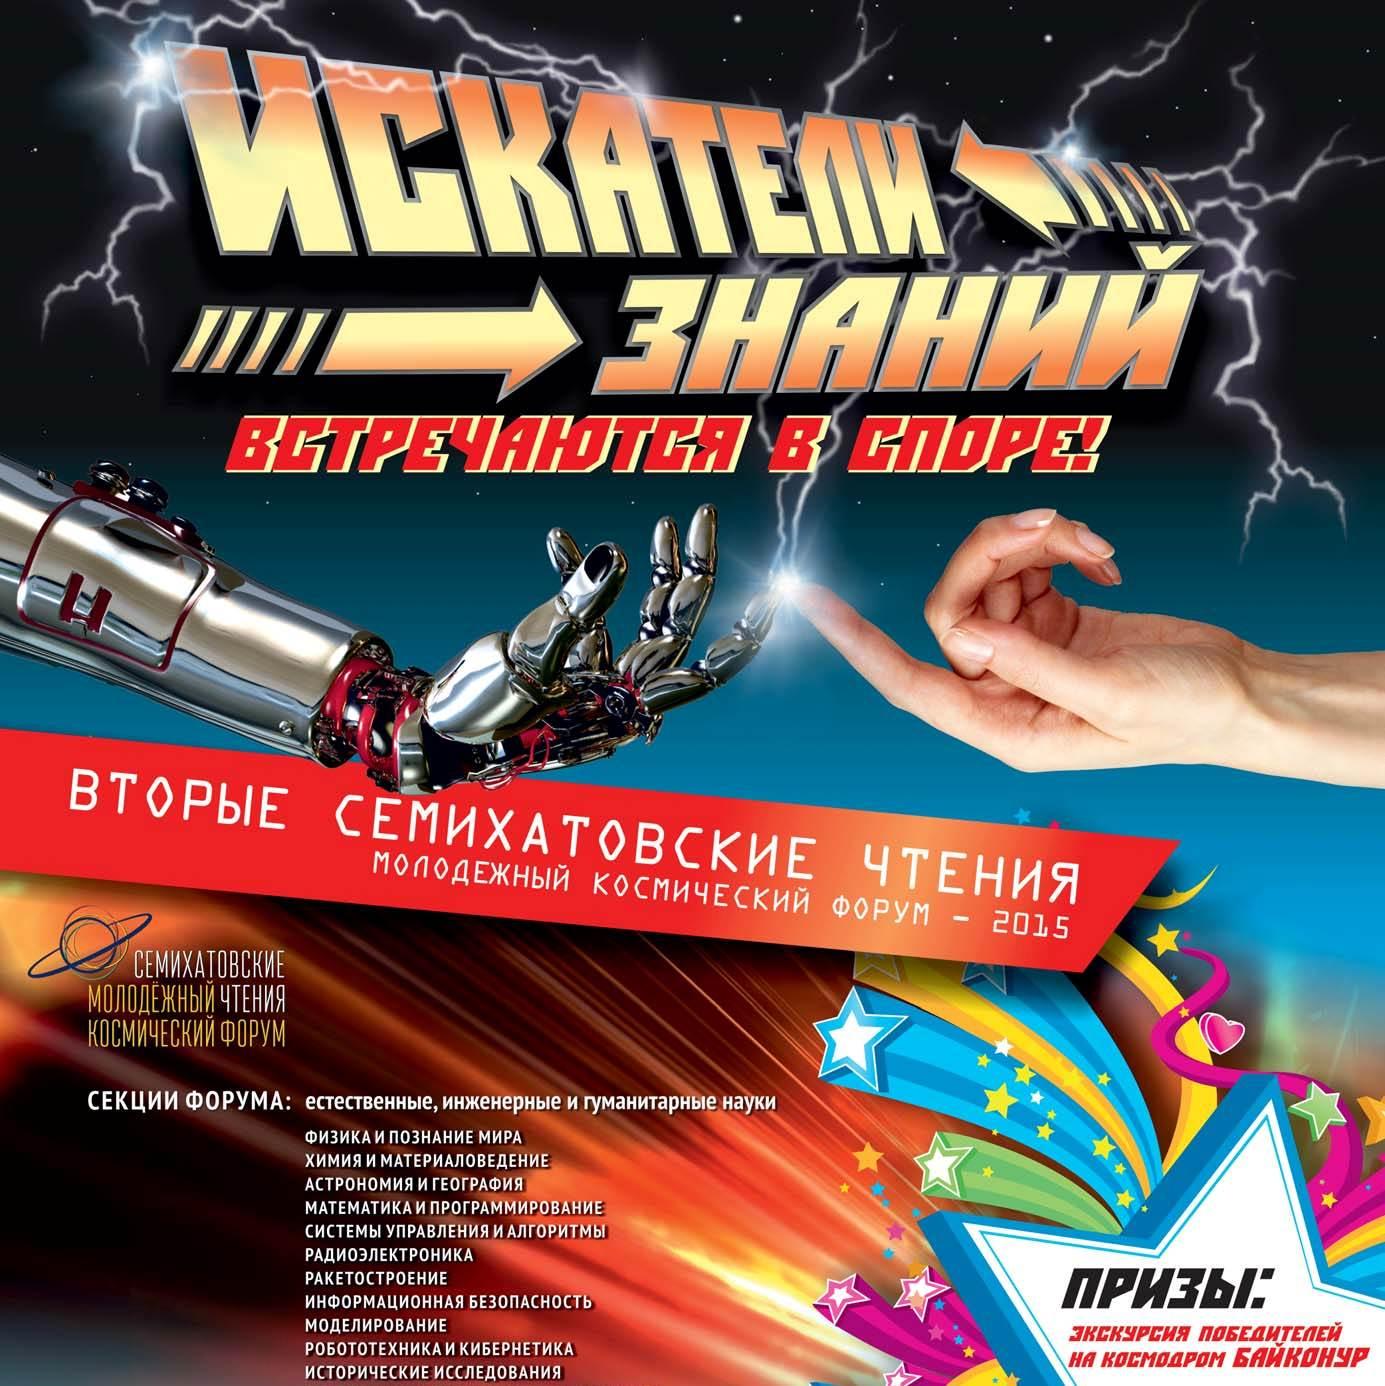 Семихатовские чтения - конференция